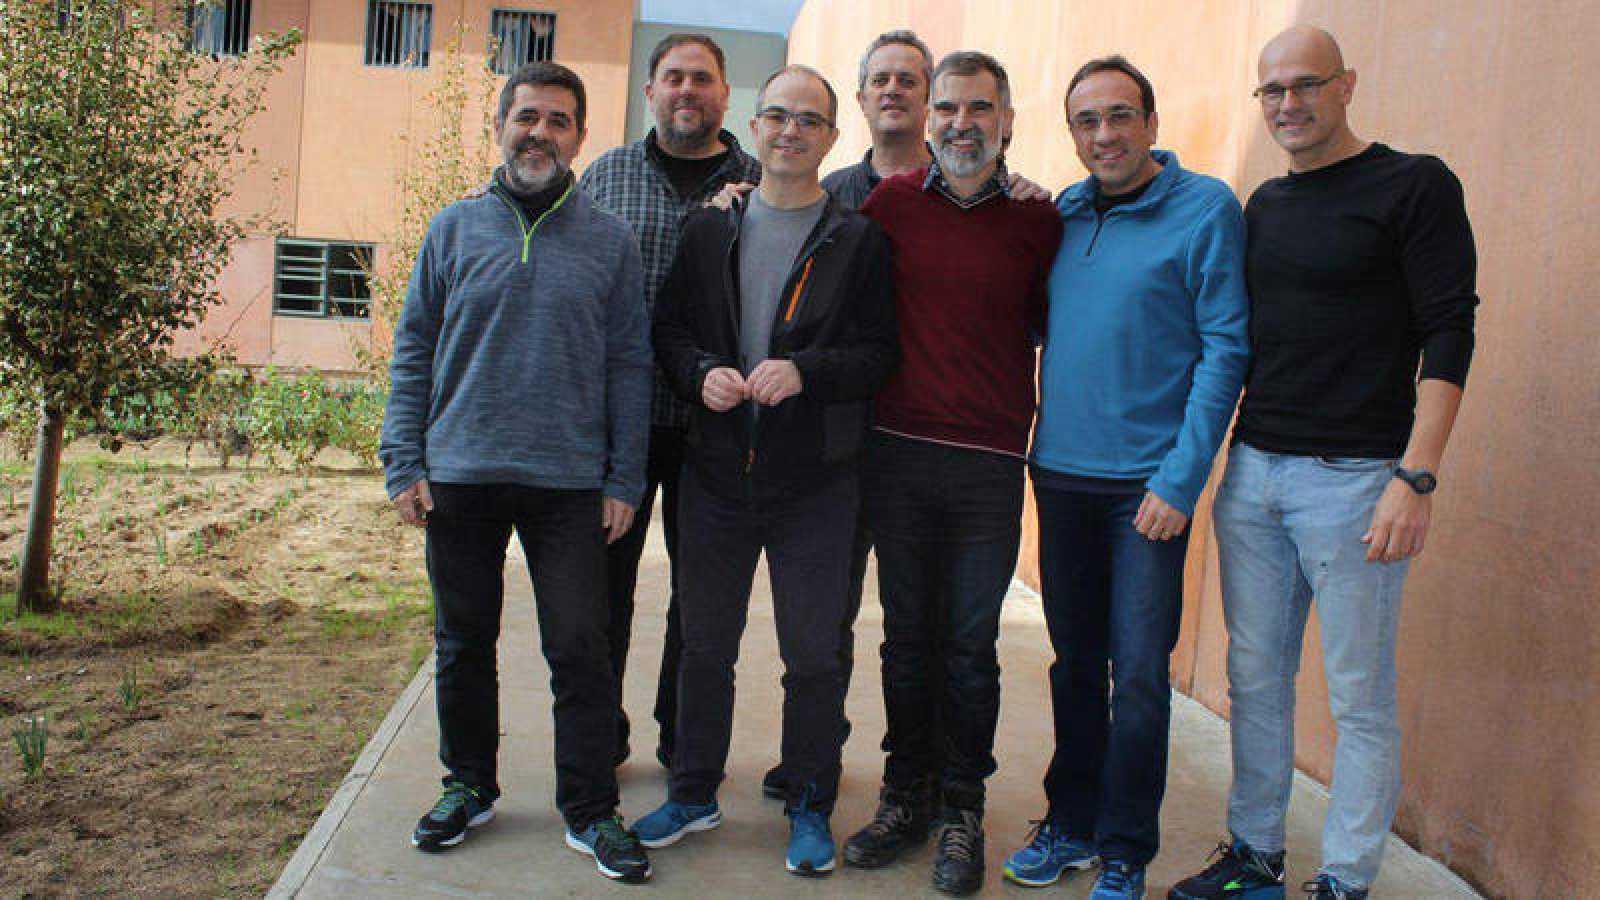 Los políticos catalanes presos de la cárcel de Lledoners